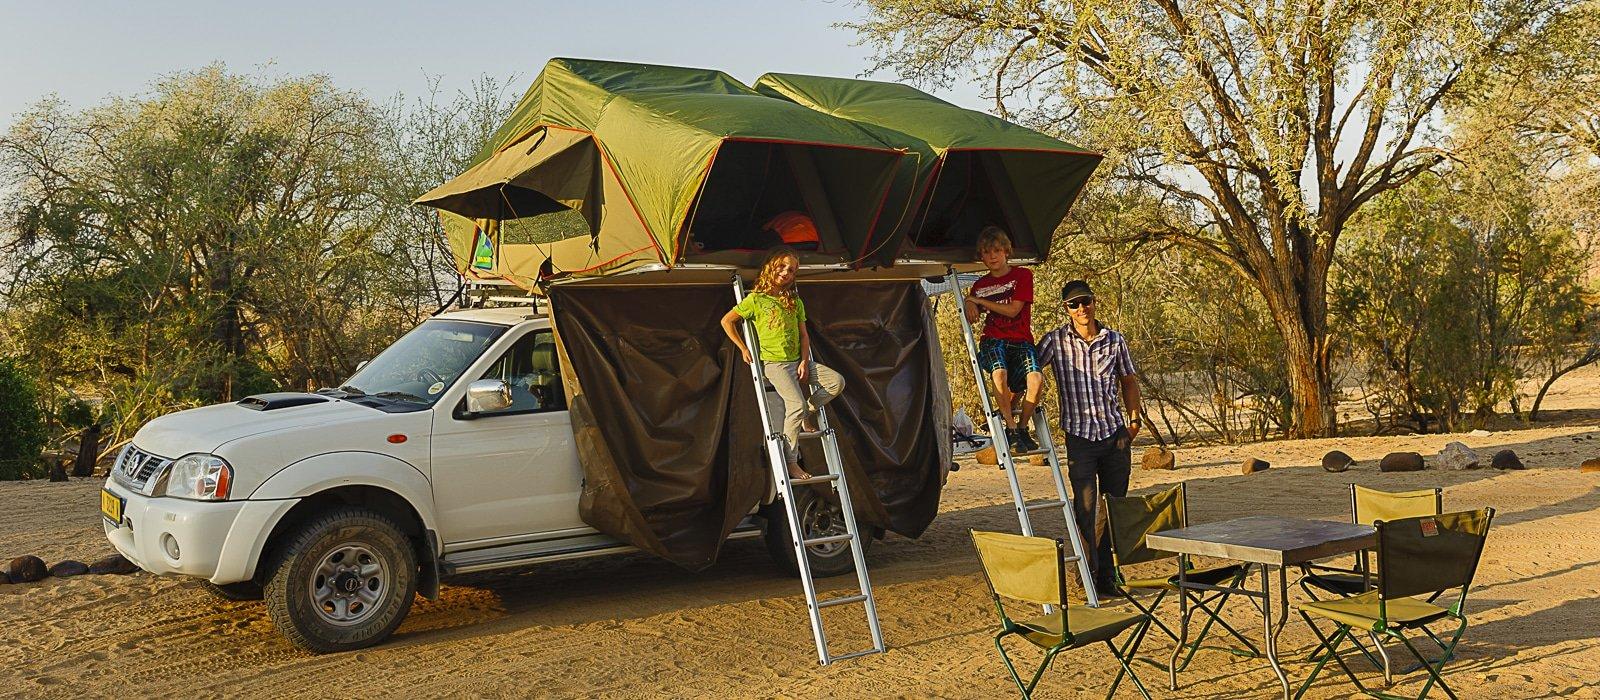 Voyage sur mesure - Brandberg - Namibie - Agence de voyage Les Routes du Monde